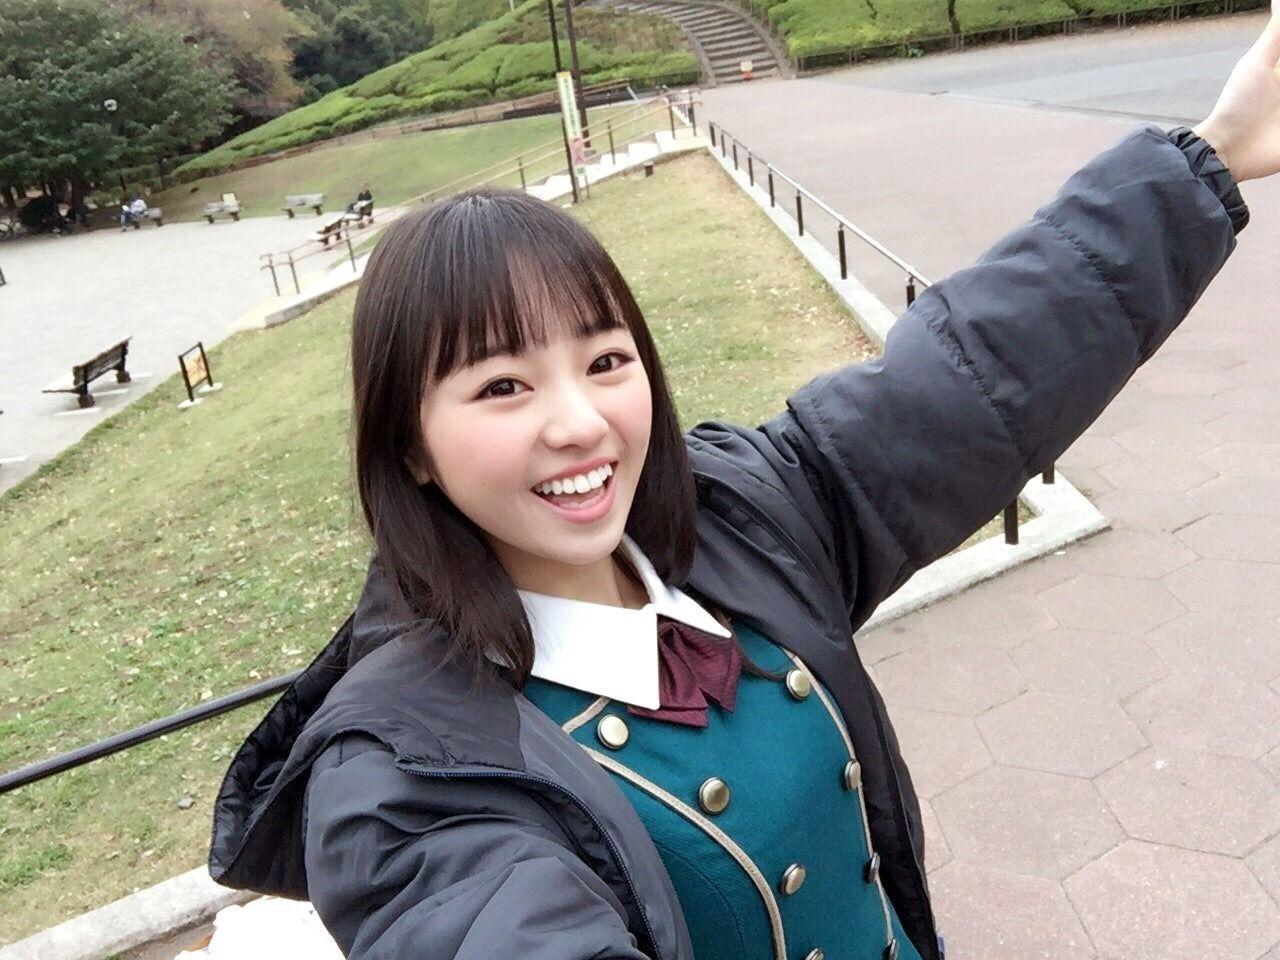 【速報】欅坂46 今泉佑唯が卒業発表。「この決断をするきっかけを作ってくれた数名に感謝」